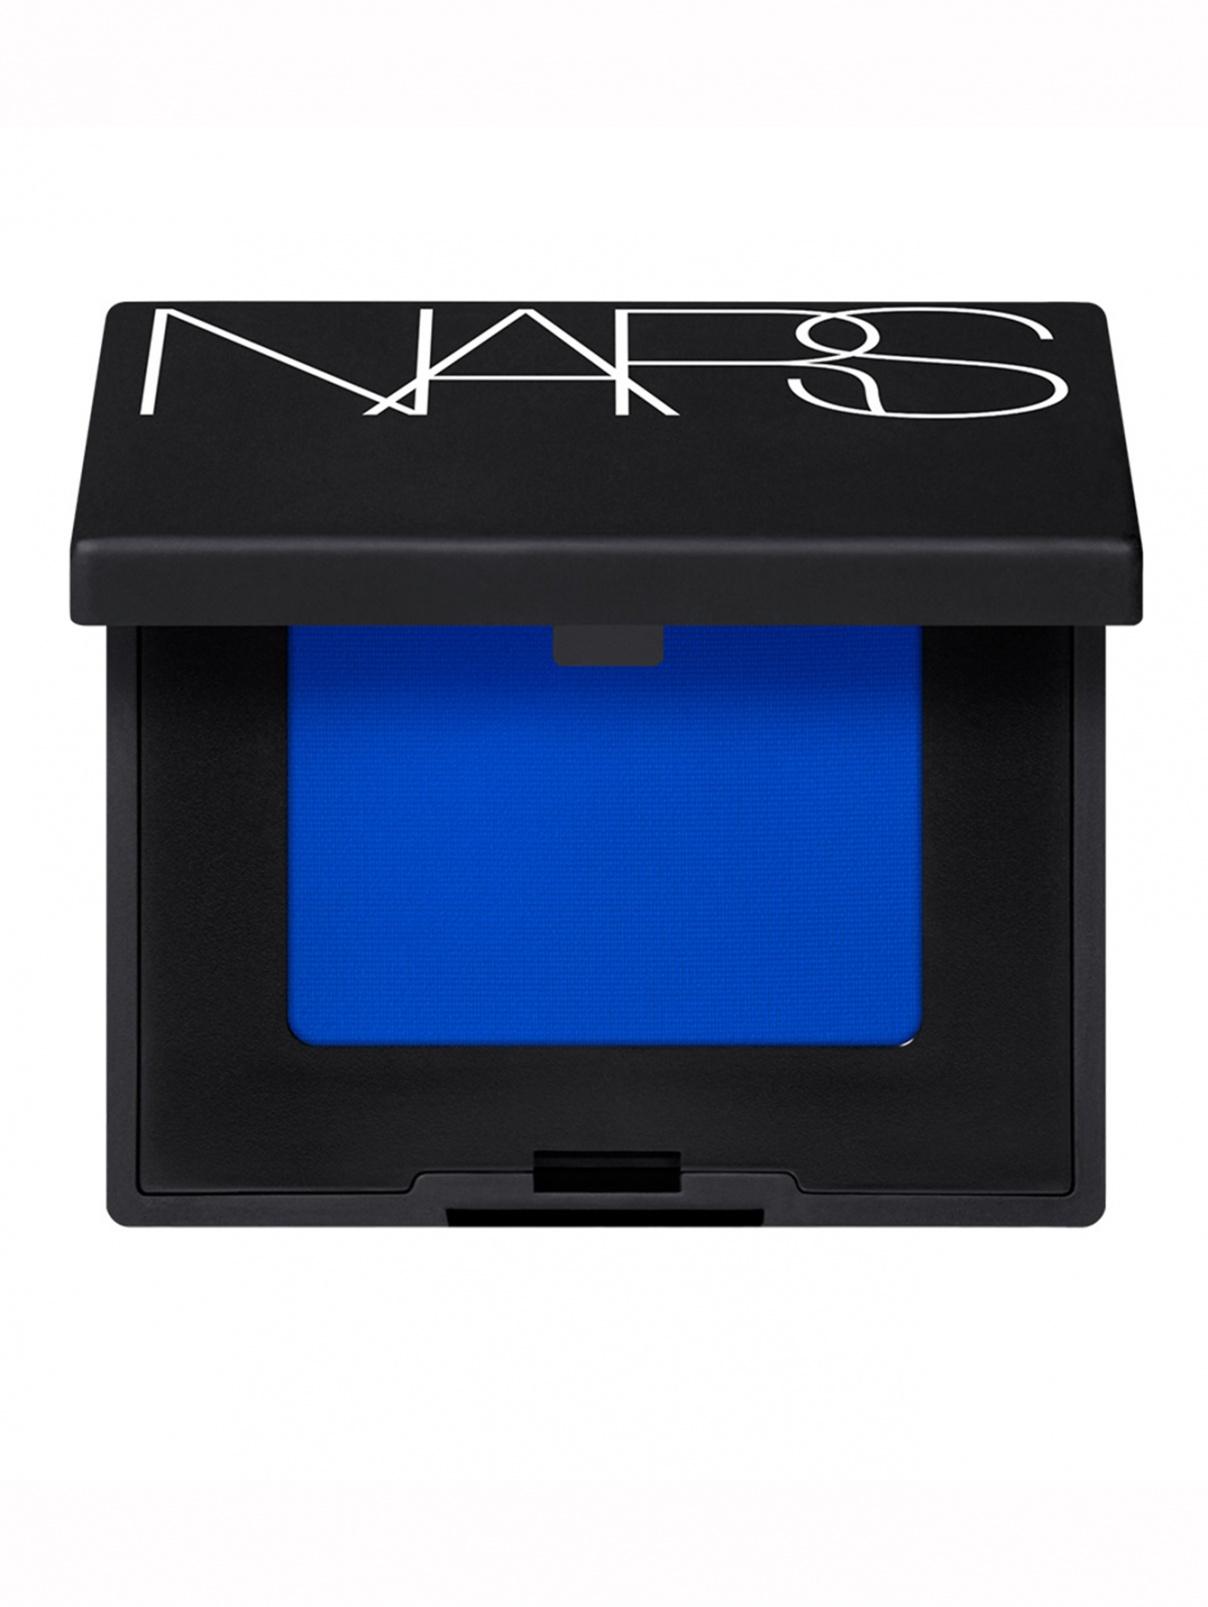 Монотени для век Outremer Makeup NARS  –  Общий вид